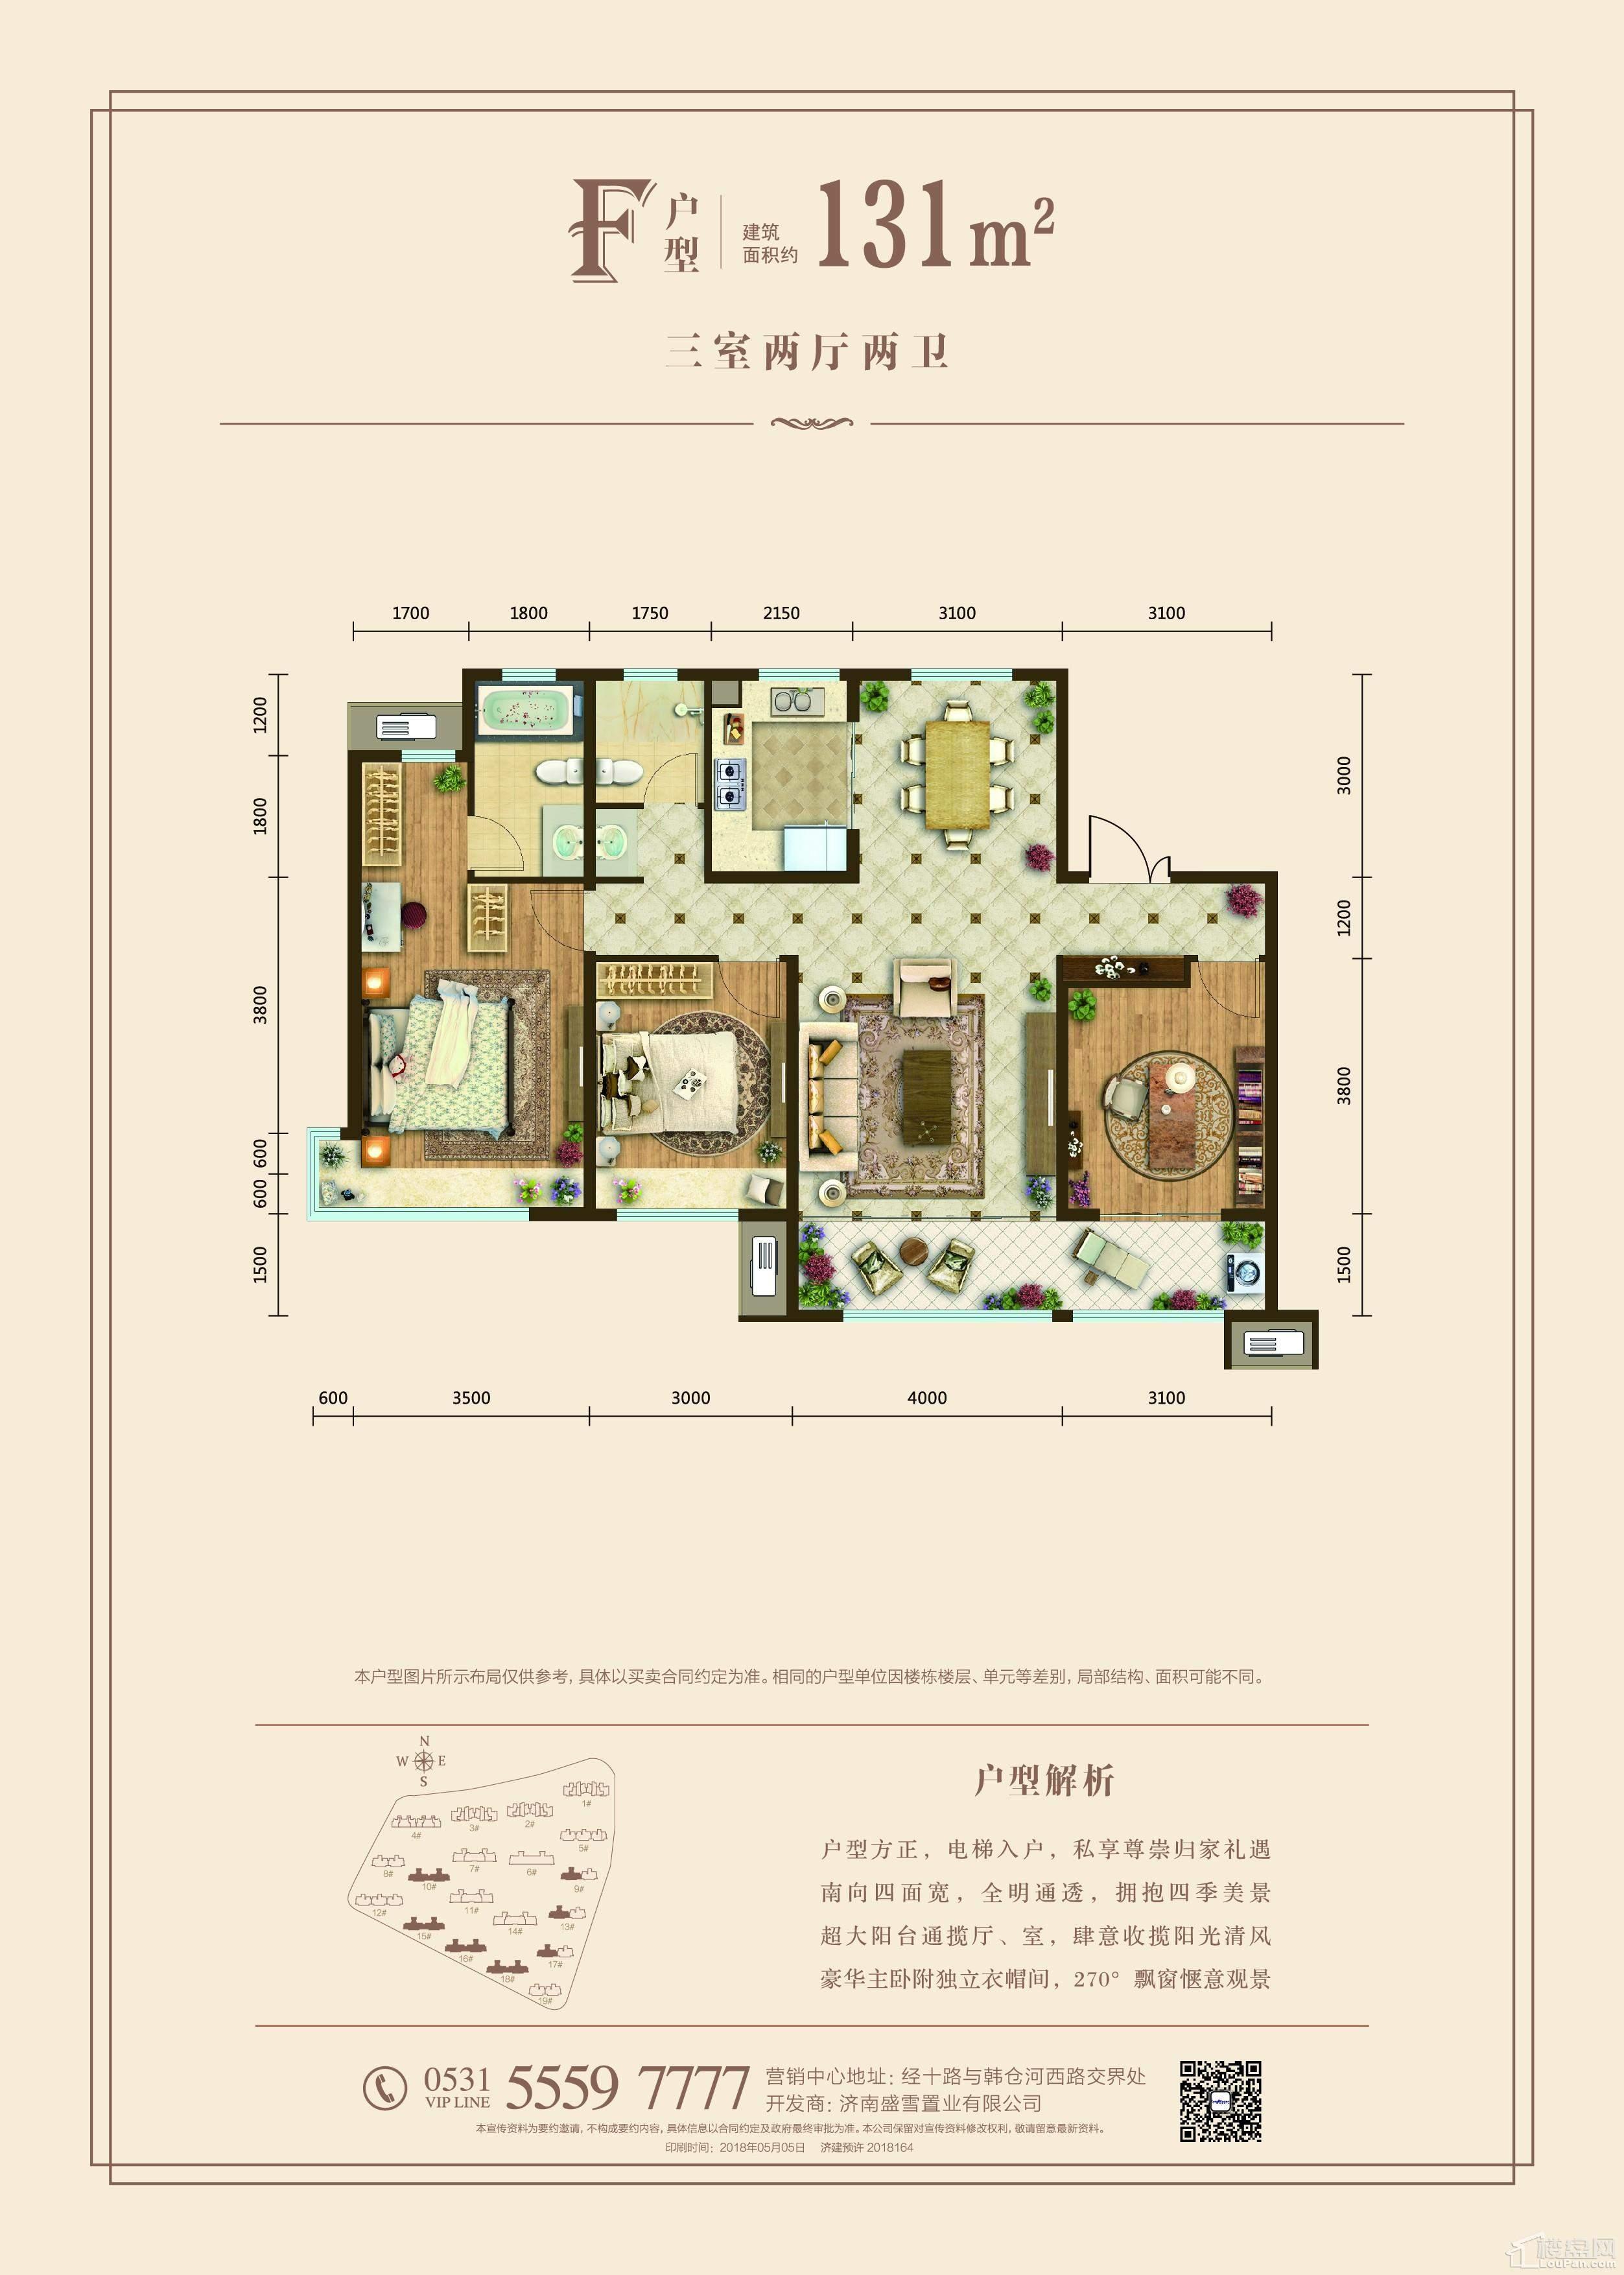 龙湖春江郦城户型图